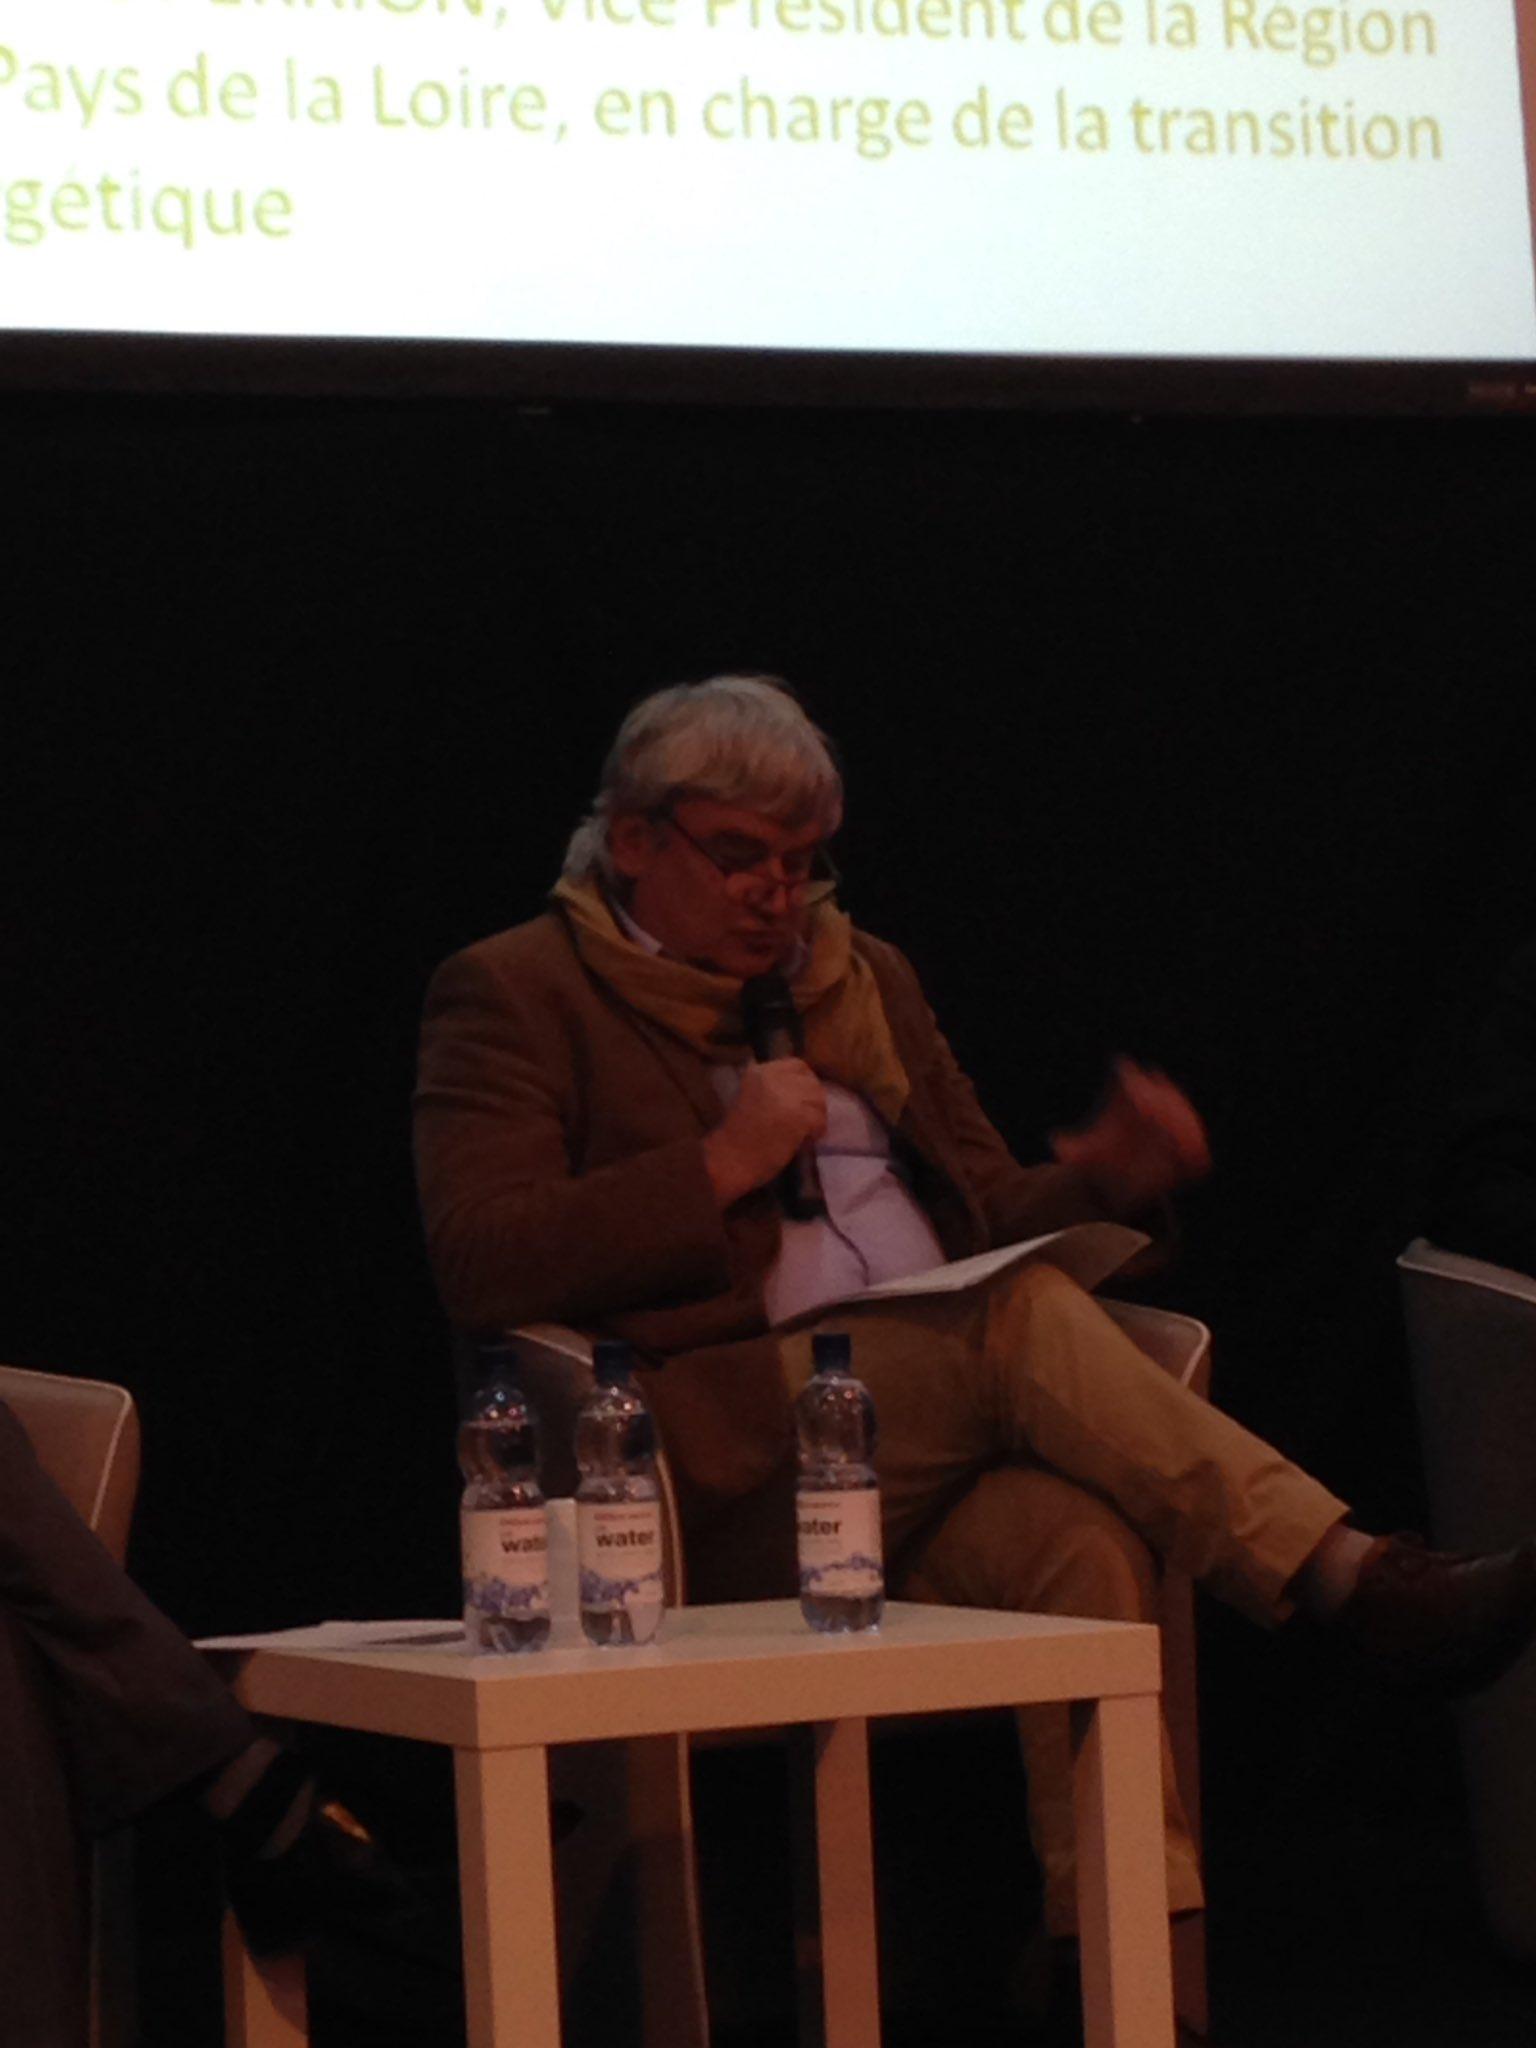 """G. Petit jean DIR. @Ademe Bretagne""""Imp #méthanisation dans le domaine énergétique : 120 installations biométhane en Bretagne"""" @BiogazEurope https://t.co/BnCTjOTlOb"""